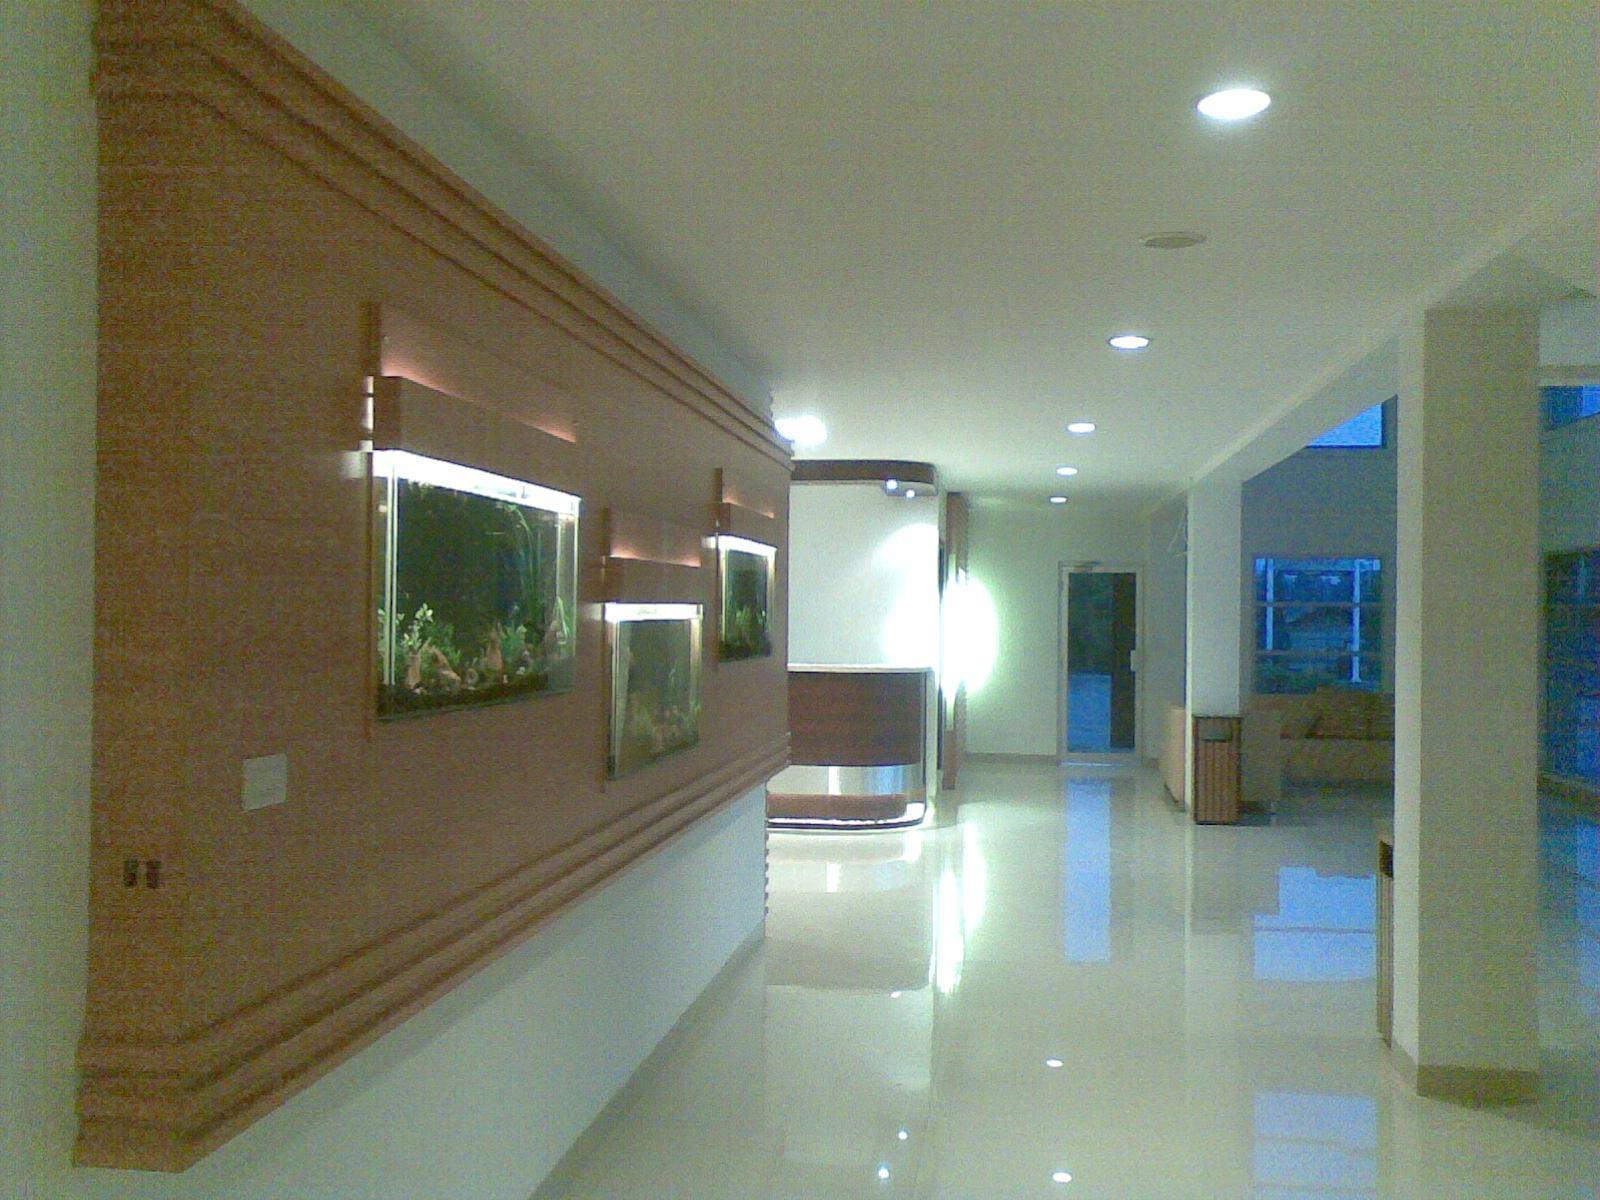 Bandara Syariah (Formerly Sofyan Inn Lampung)